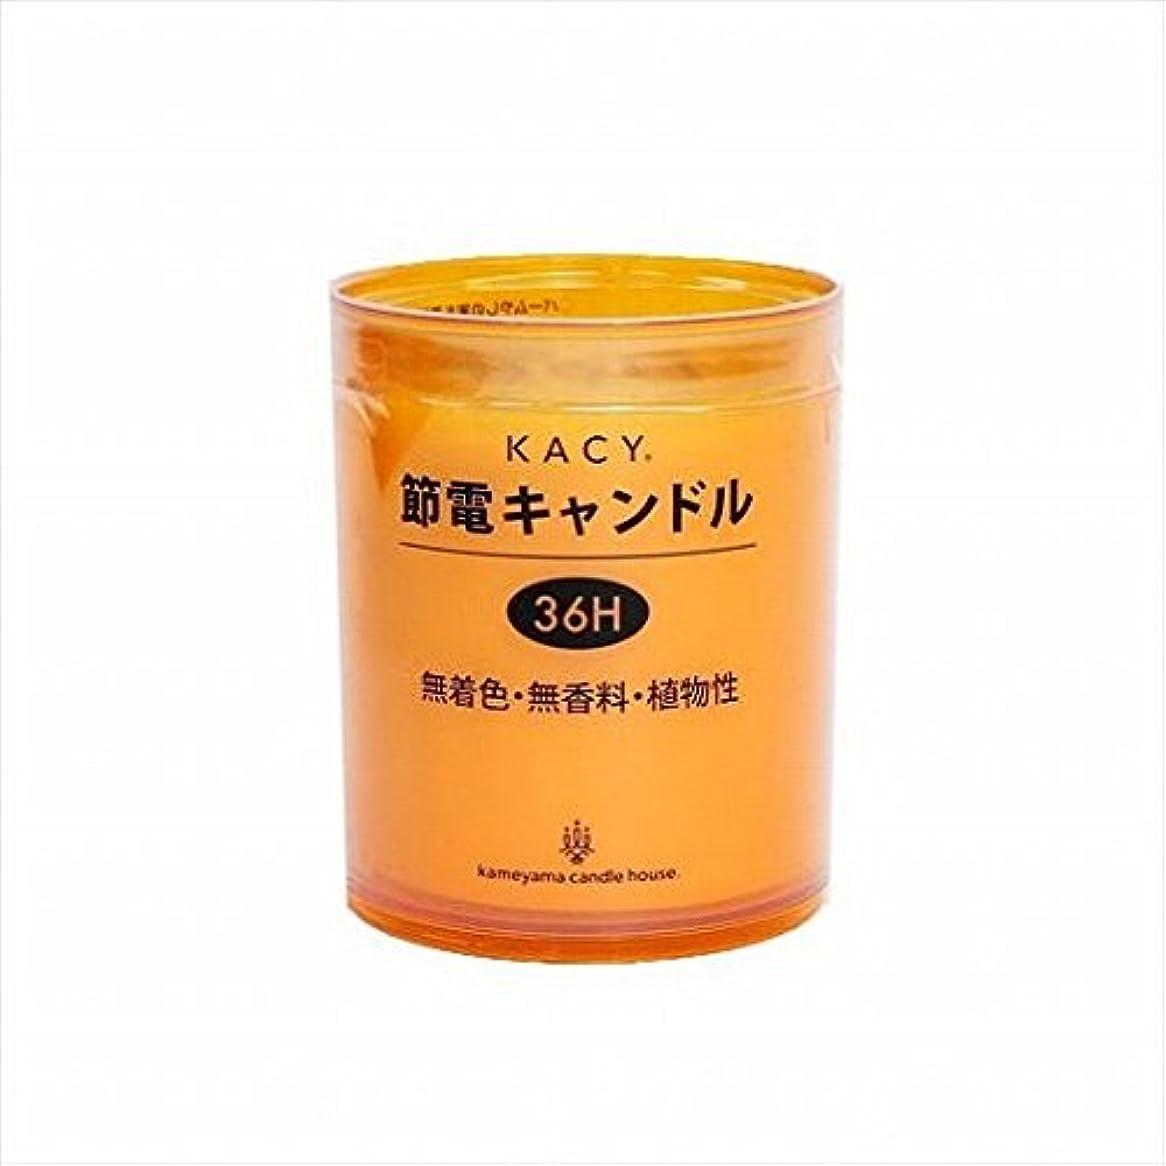 極小気をつけて爆発するkameyama candle(カメヤマキャンドル) 節電キャンドル 36時間タイプ 「 オレンジ 」 キャンドル 83x83x100mm (A9610010OR)